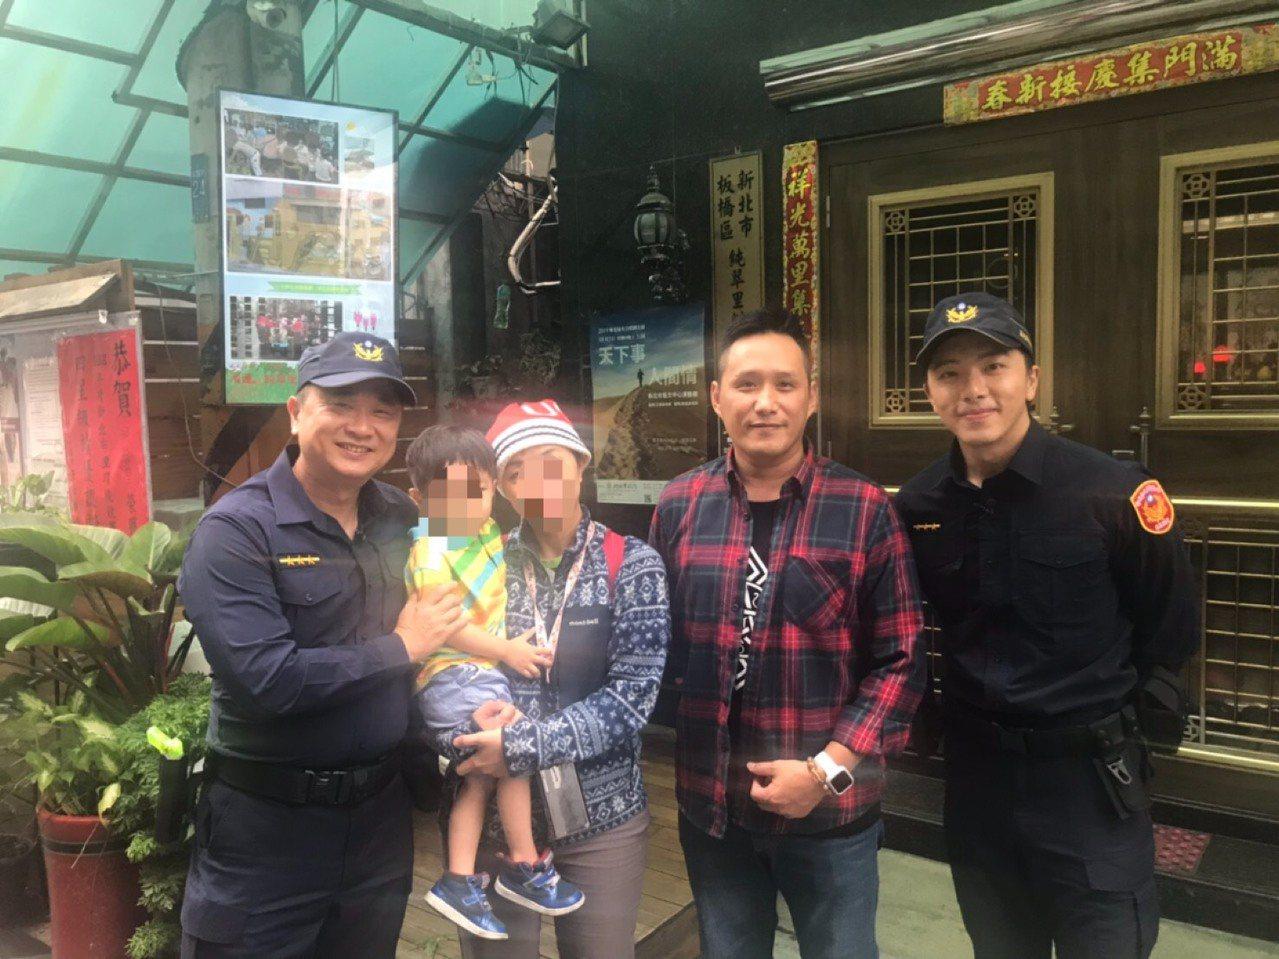 藝人邰智源和坤達今天到新北市海山警分局,拍攝體驗警察工作「一日系列」節目,巧遇民...